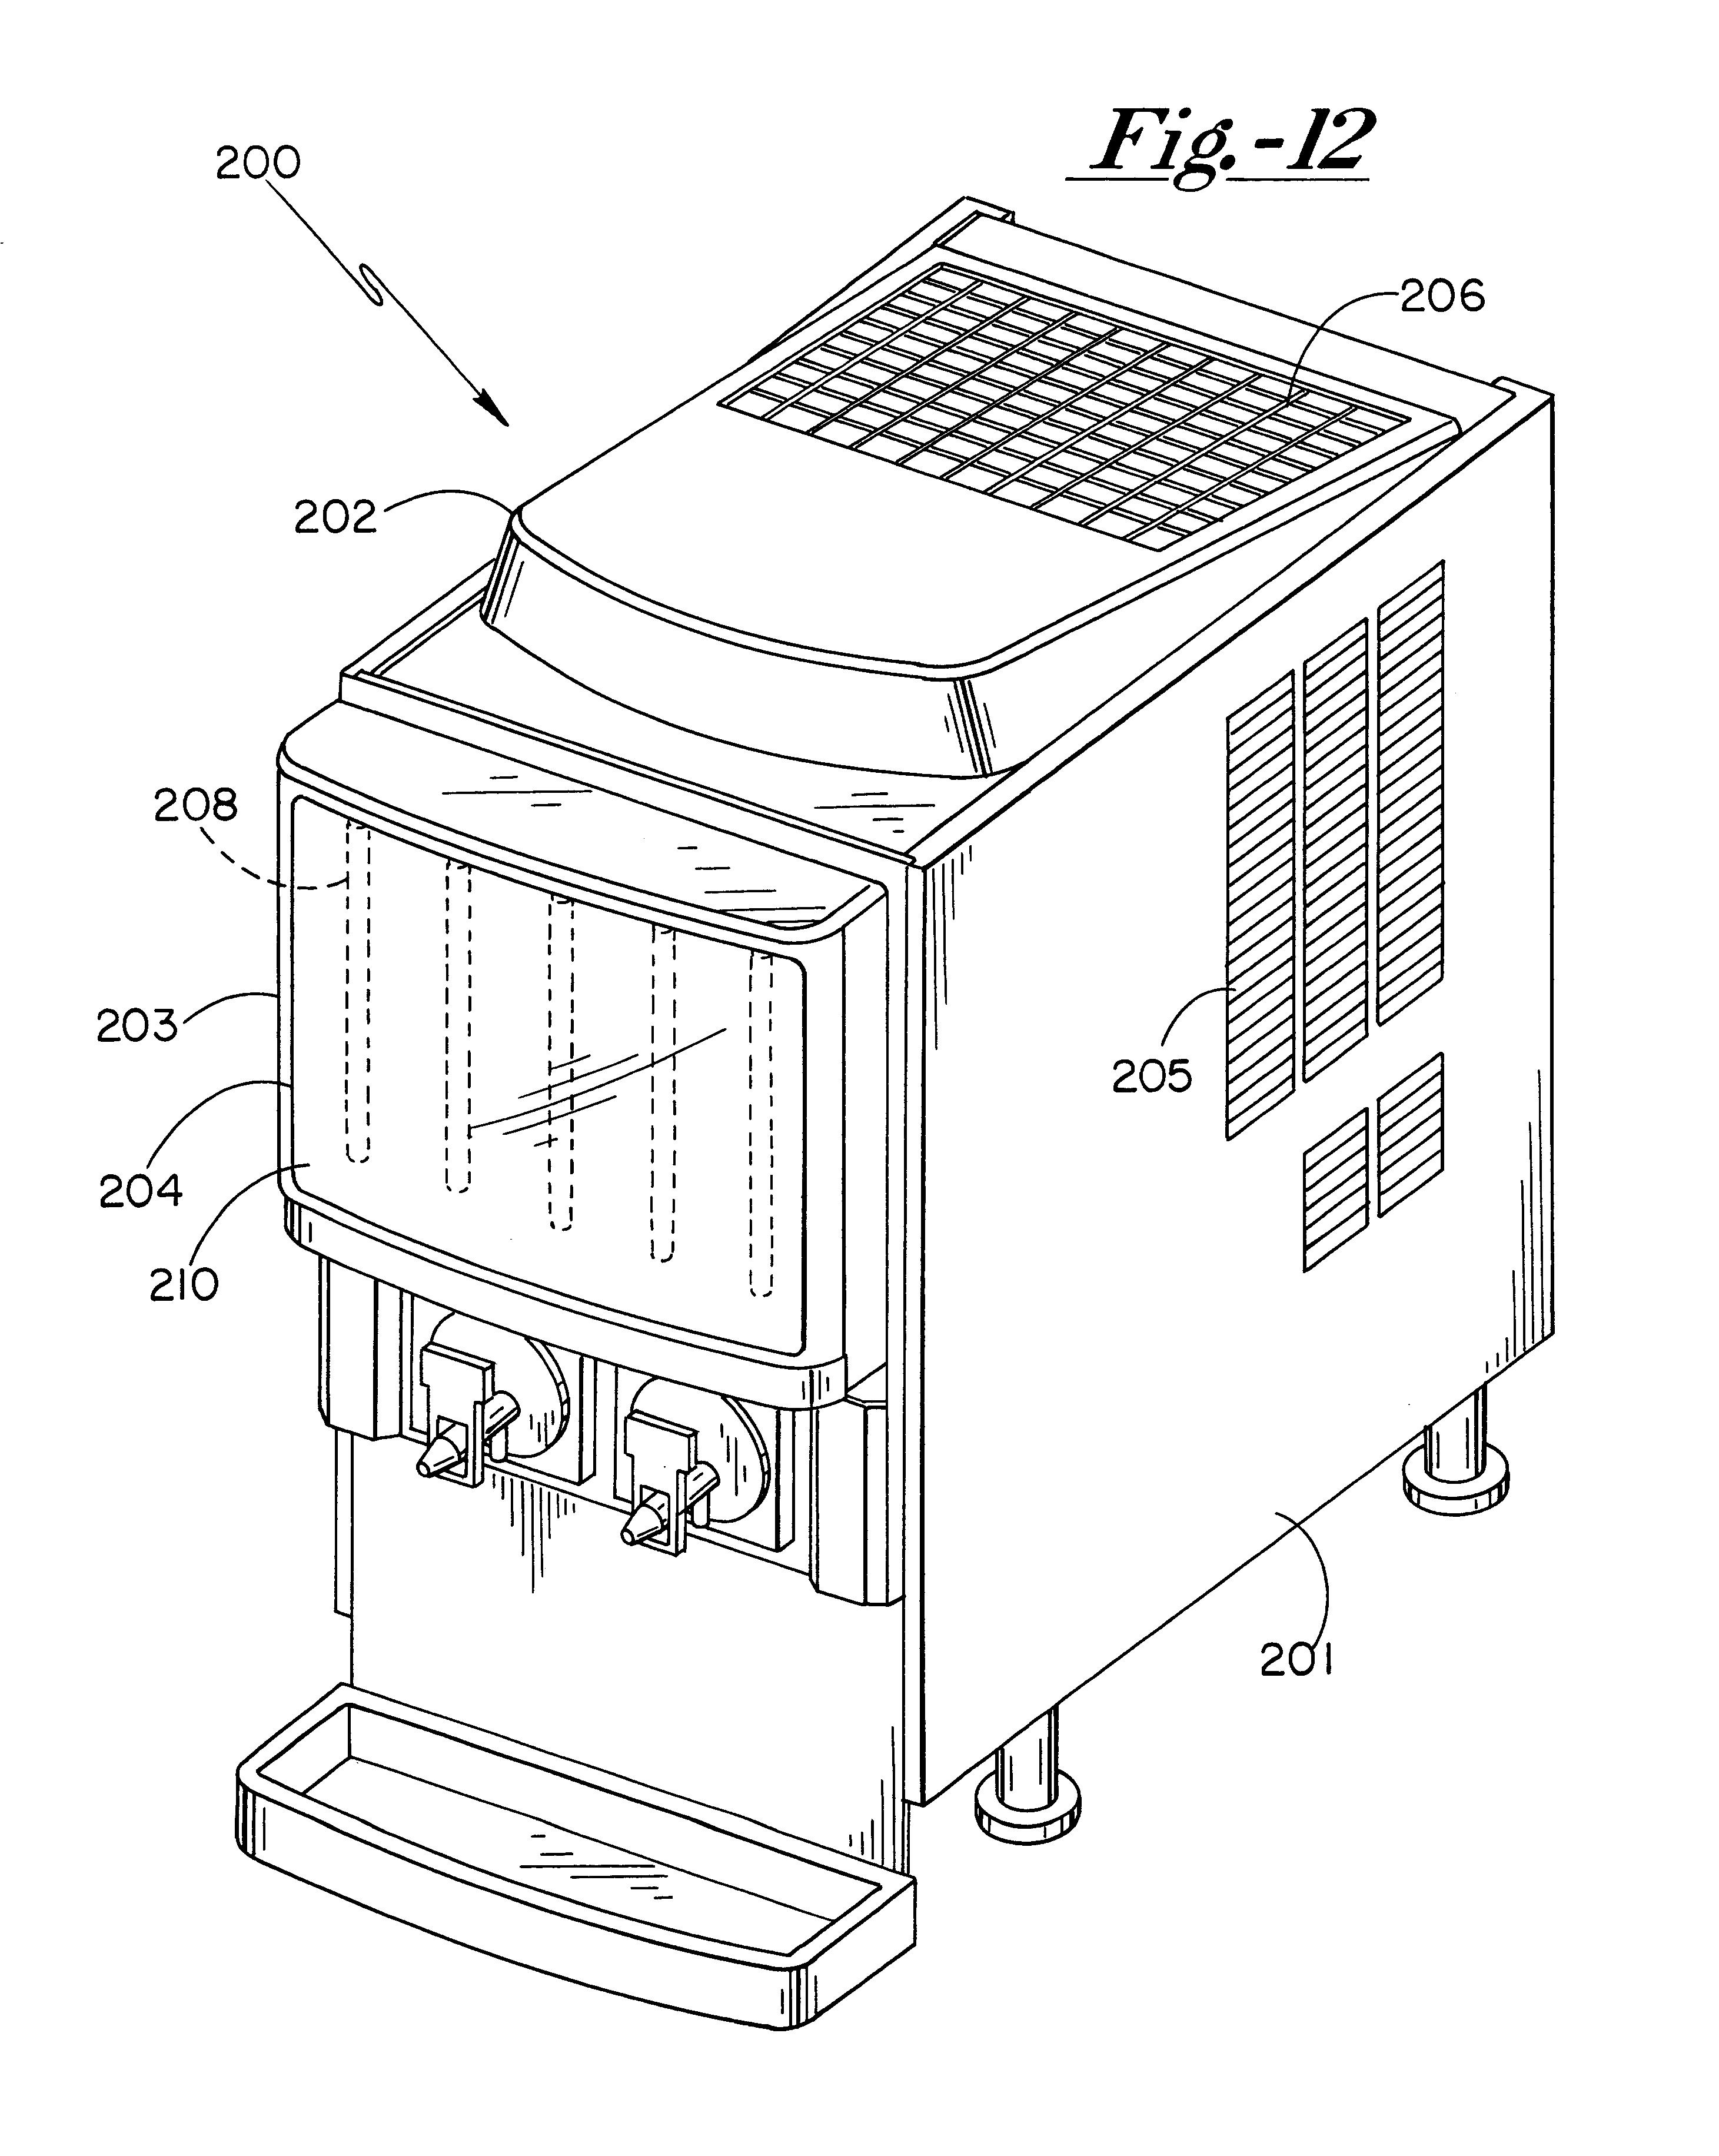 Suzuki Burgman 400 Parts Diagram Com